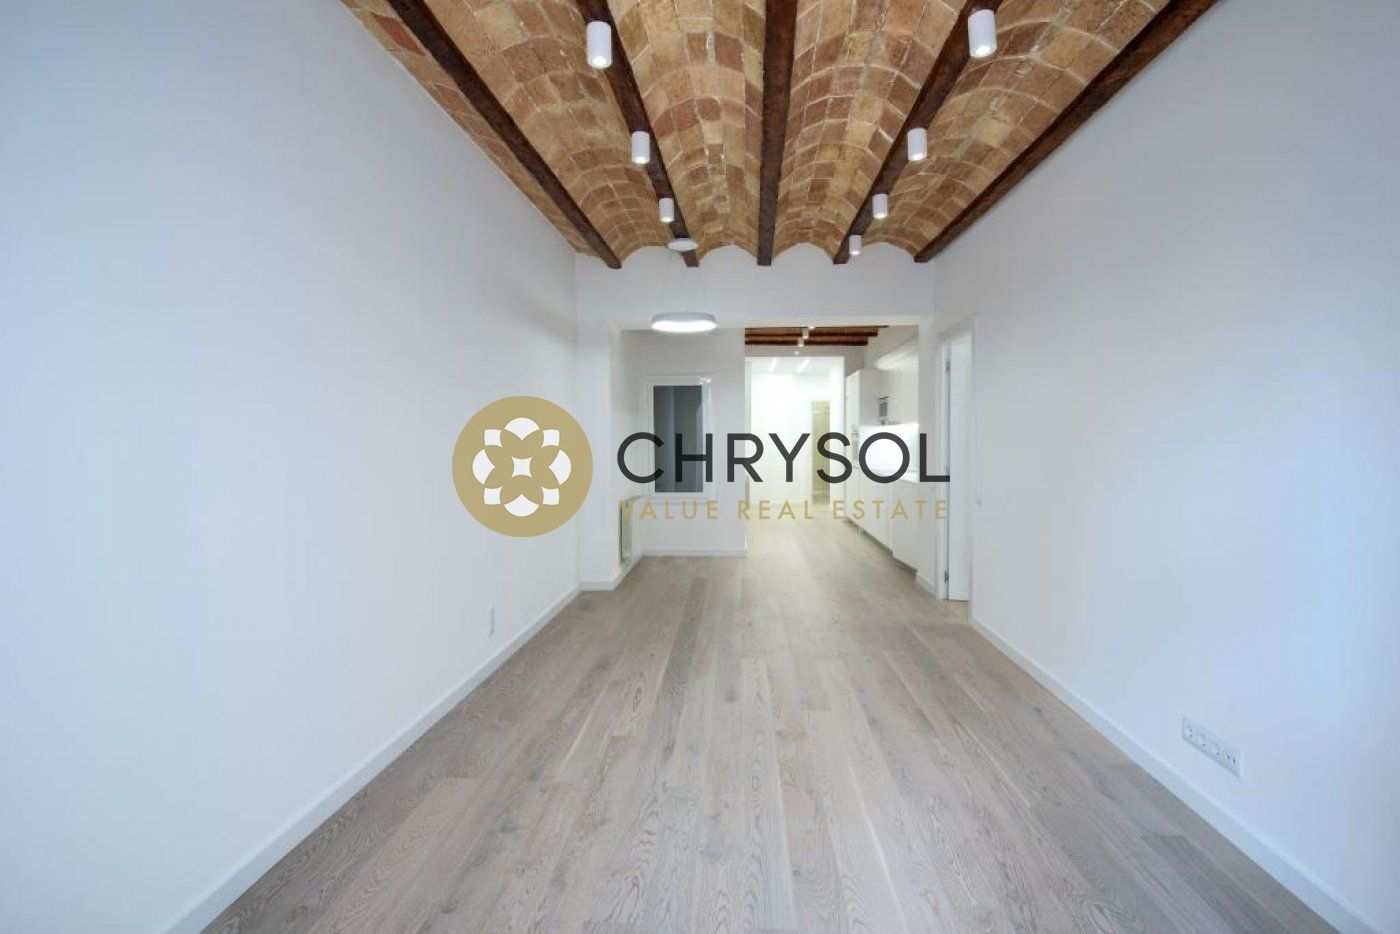 Fotogalería - 20 - Chrysol Value